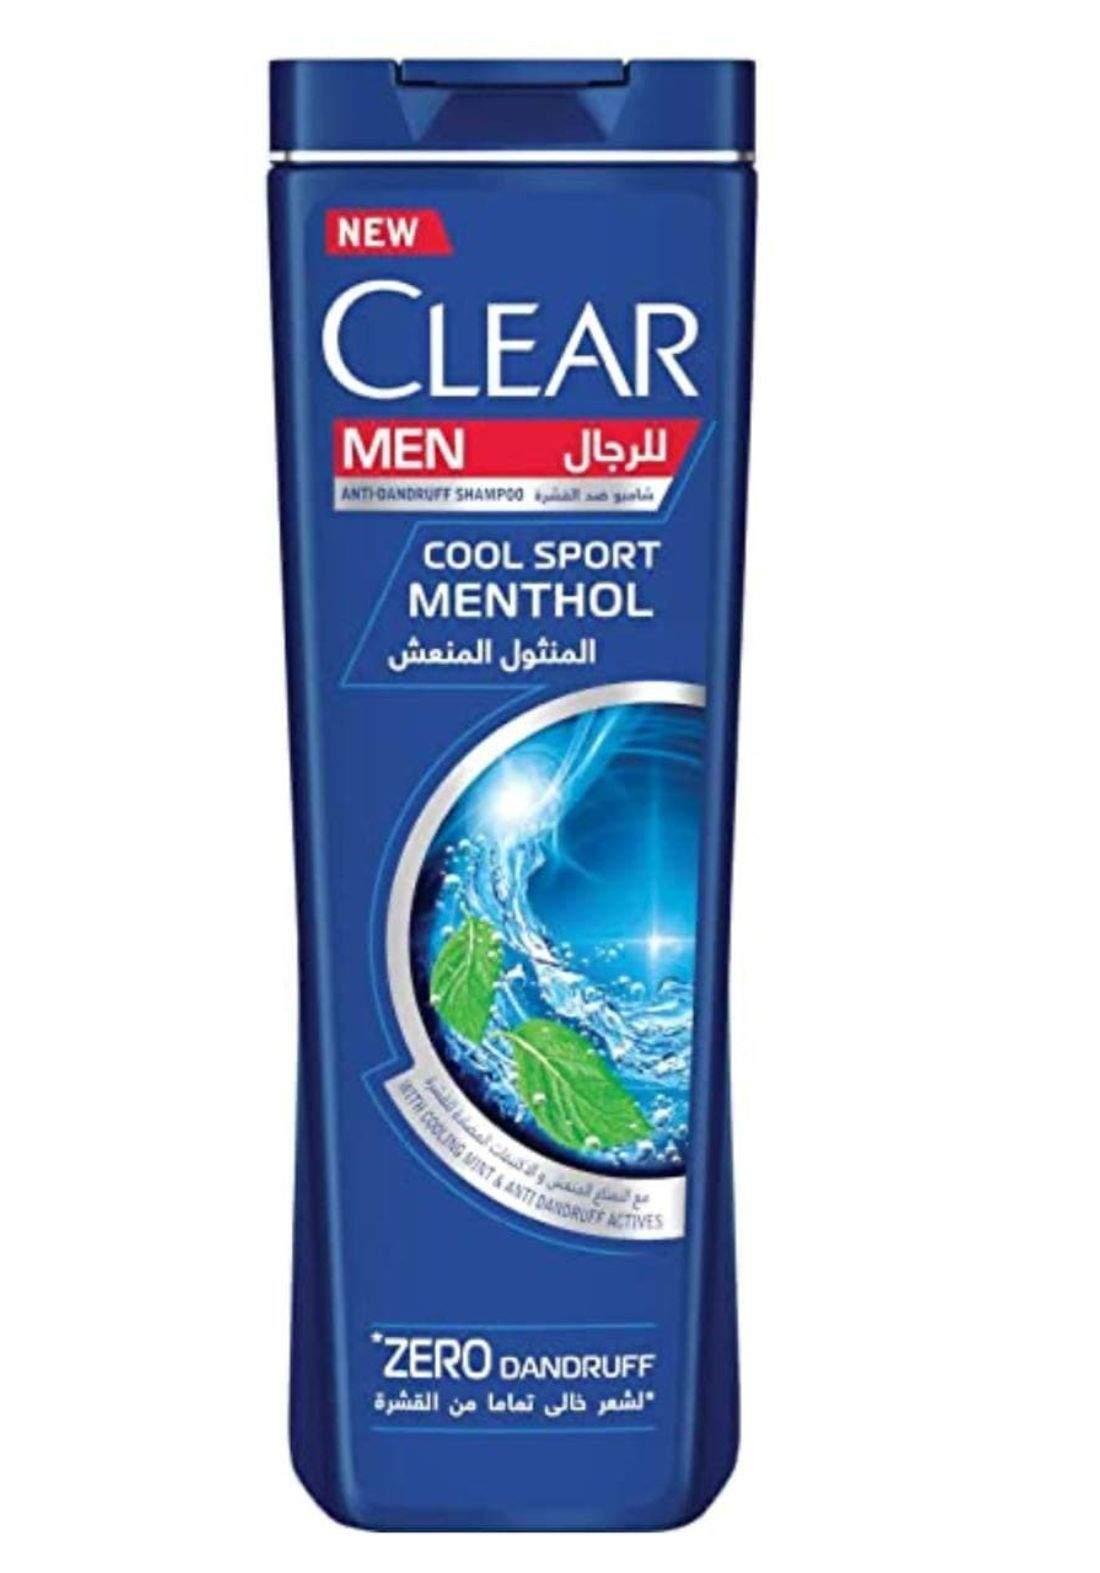 Clear for men shampoo360ml شامبو للرجال كلير